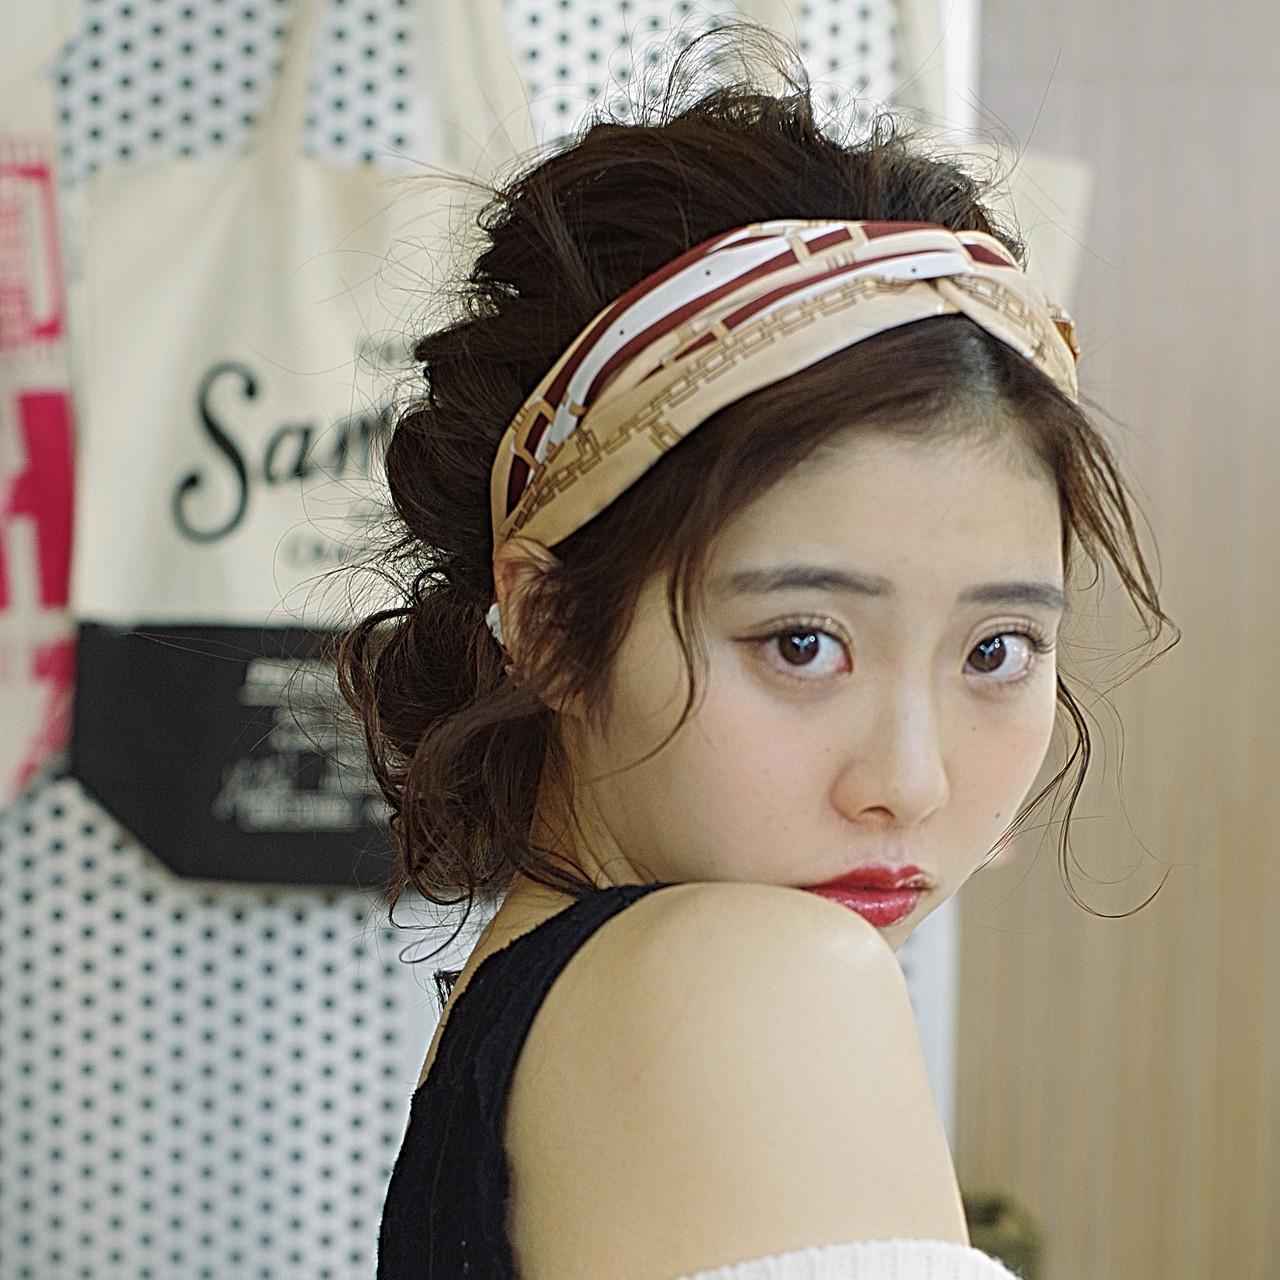 ヘアアレンジ セミロング 可愛い 簡単ヘアアレンジ ヘアスタイルや髪型の写真・画像 | ken / sora